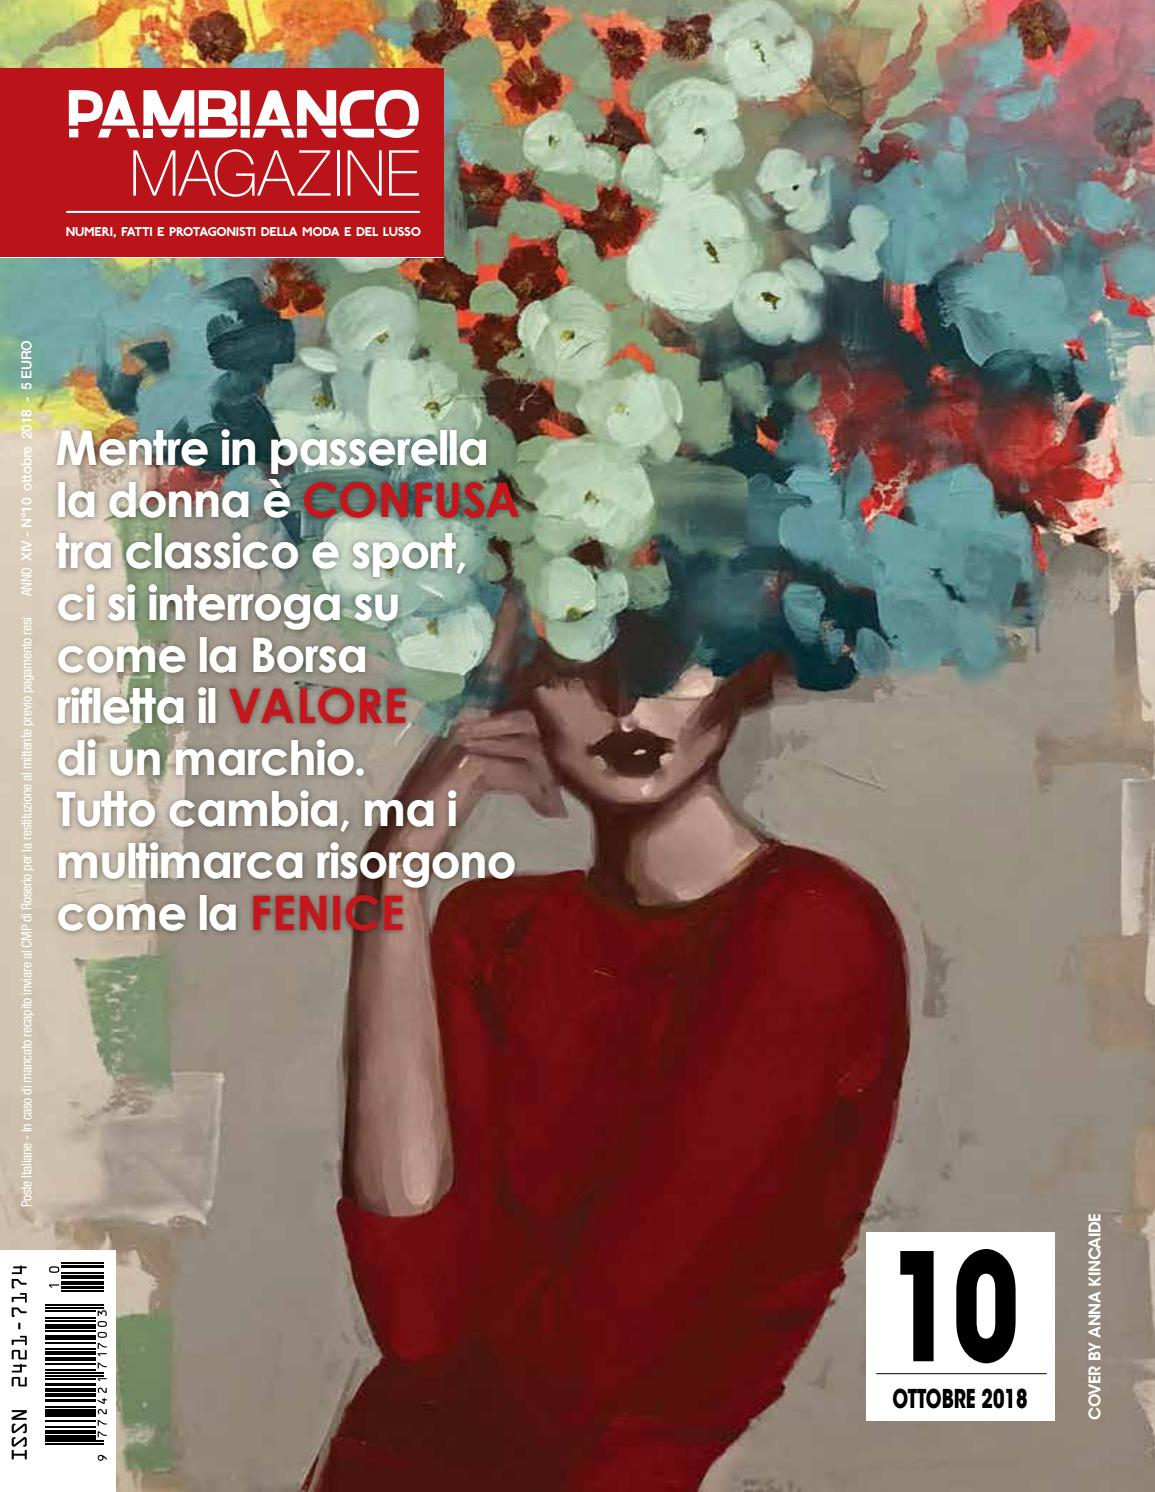 465bde046b86 Pambianco magazine 10 XIV by Pambianconews - issuu